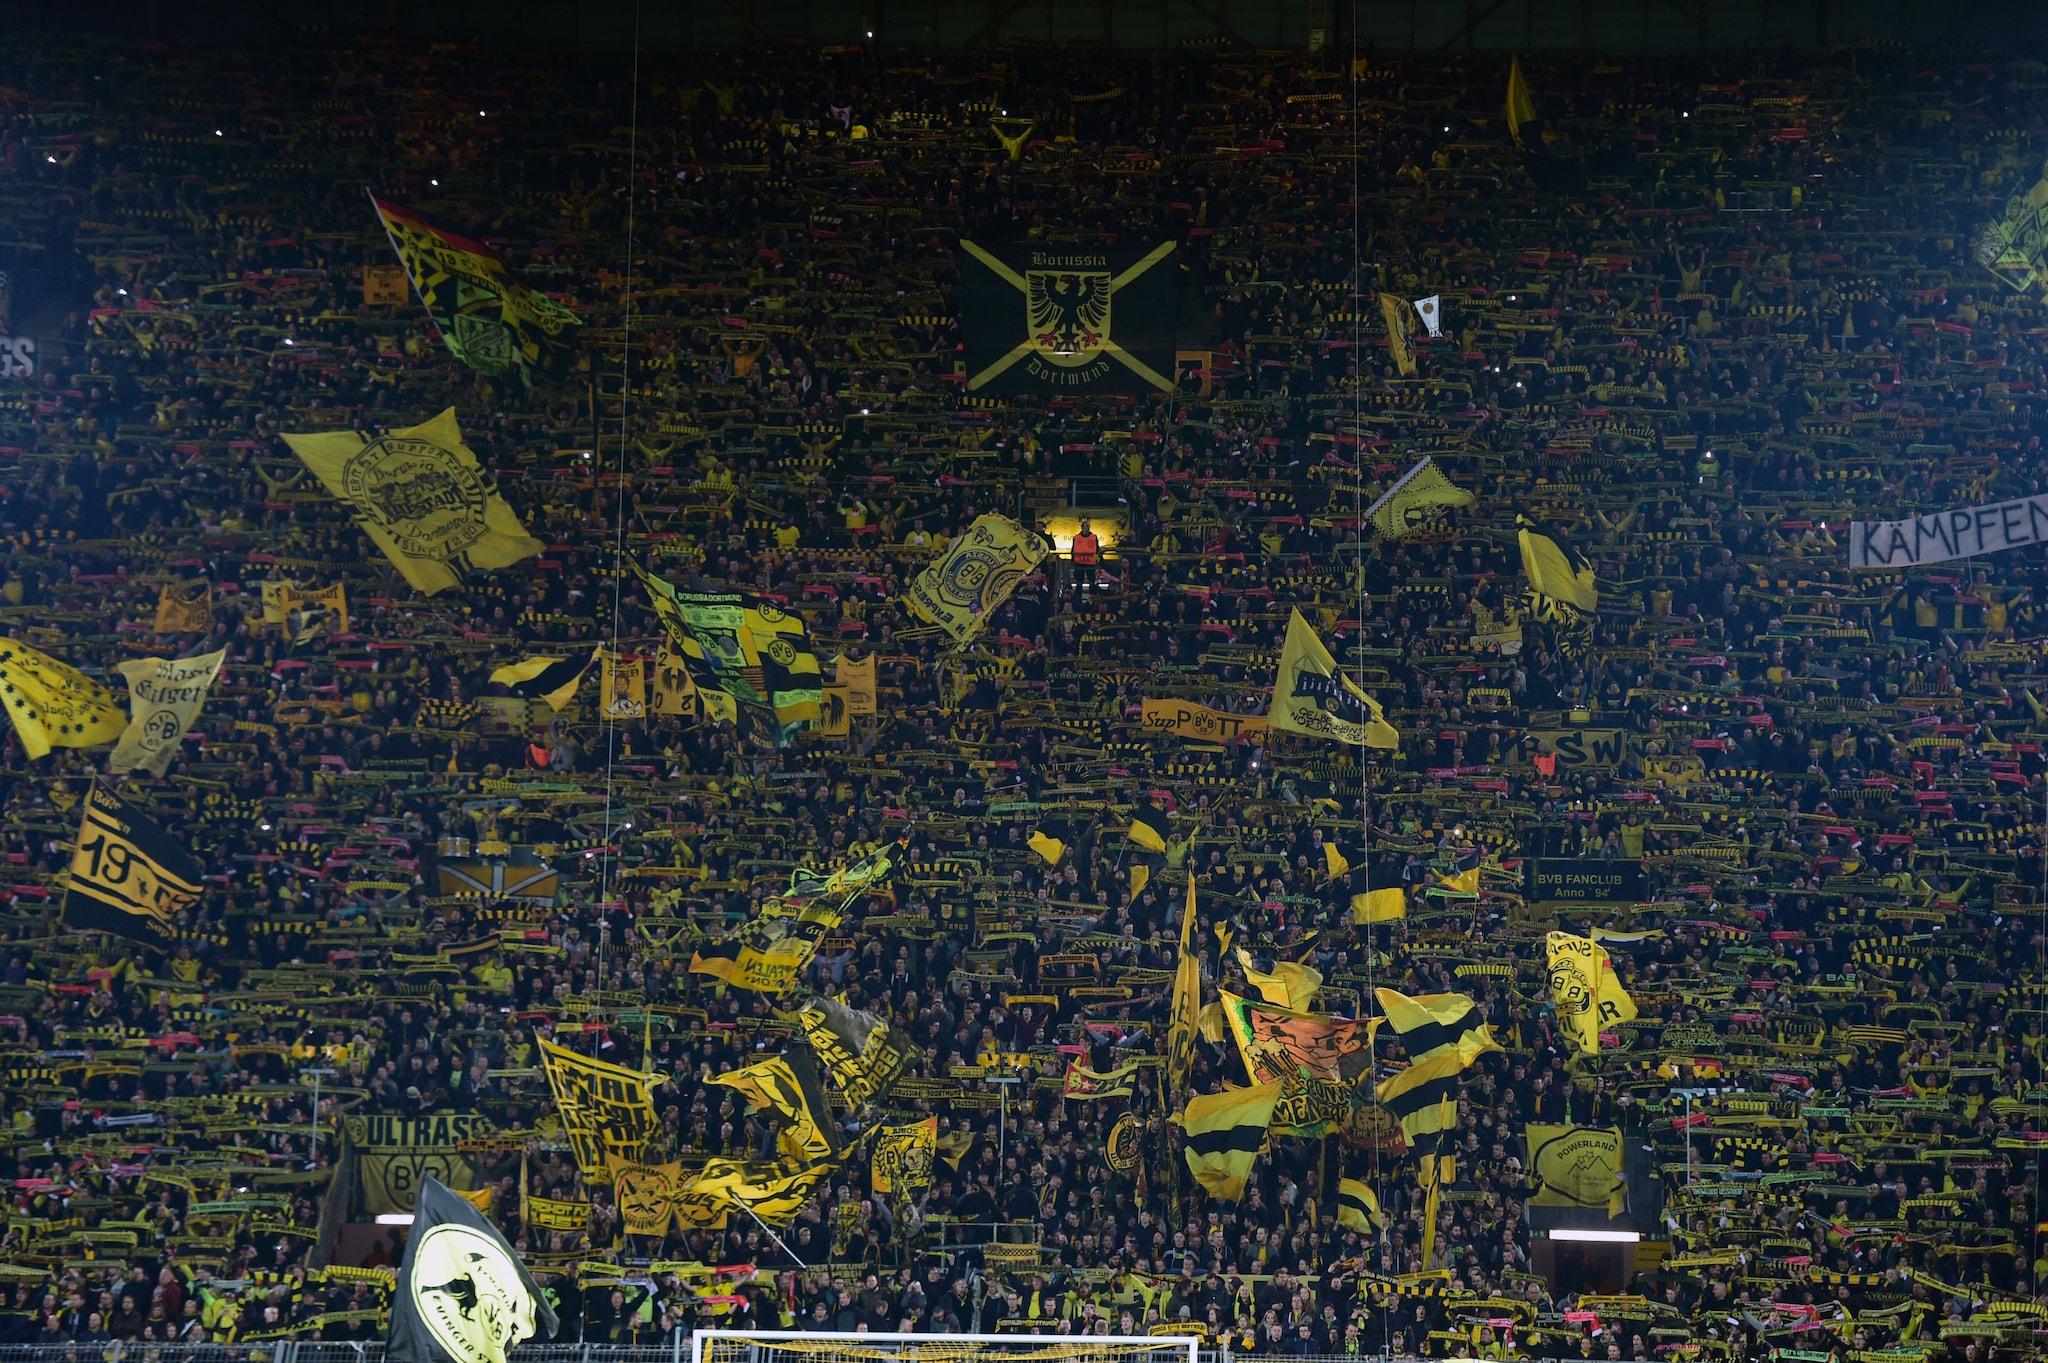 Gli appassionati e affezionatissimi tifosi del Borussia Dortmund.